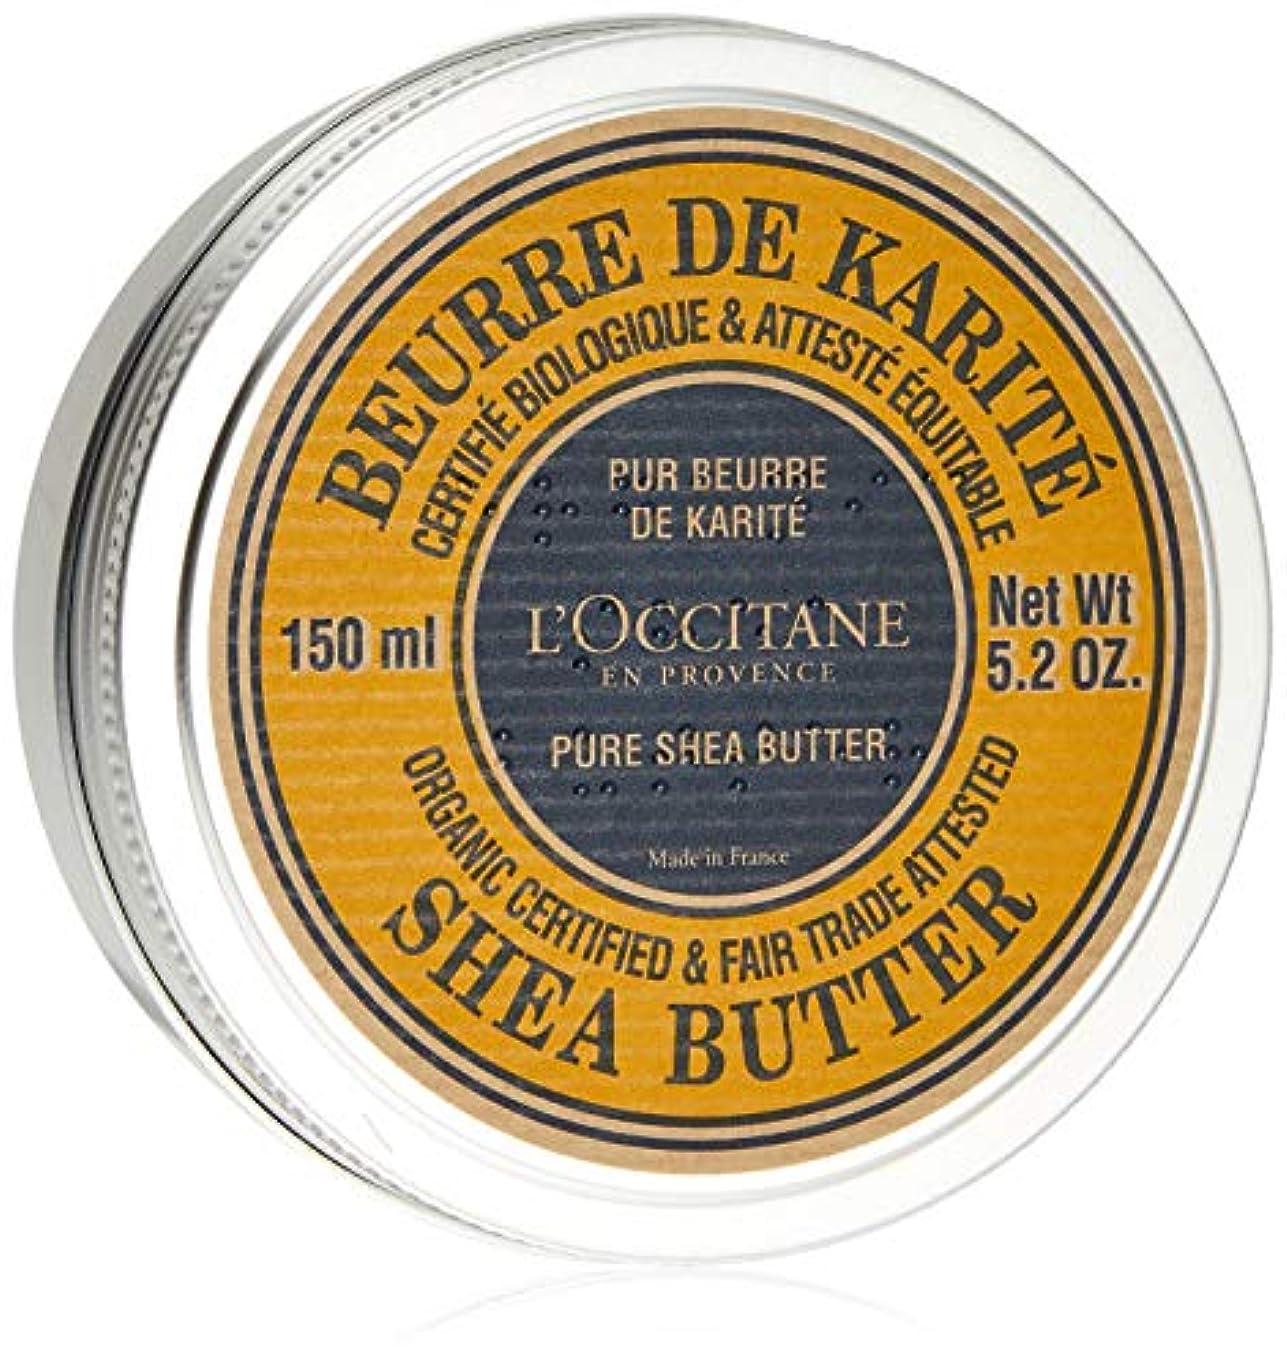 妥協性格スチュワードロクシタン(L'OCCITANE) シアバター 150mL